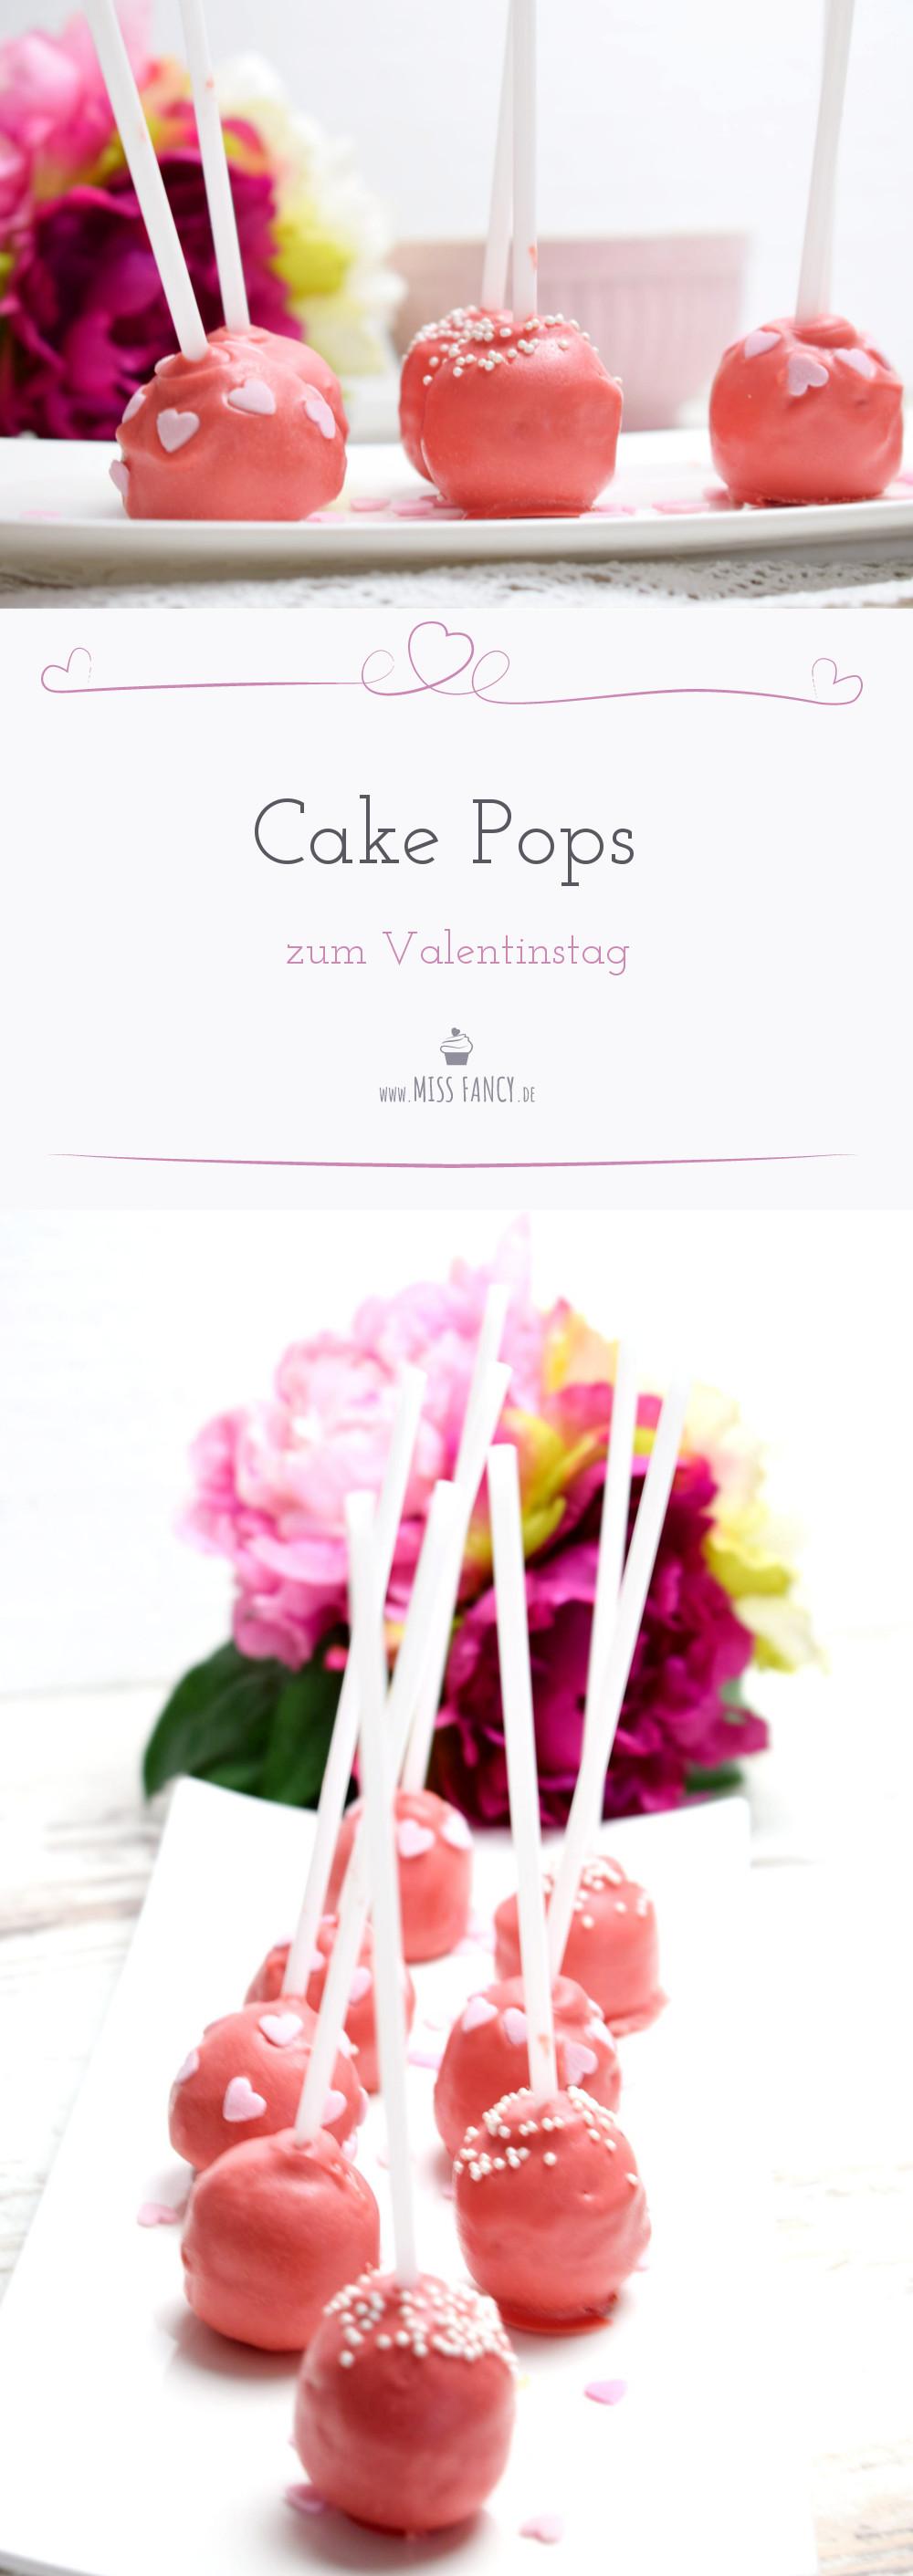 Cake Pops für Valentinstag